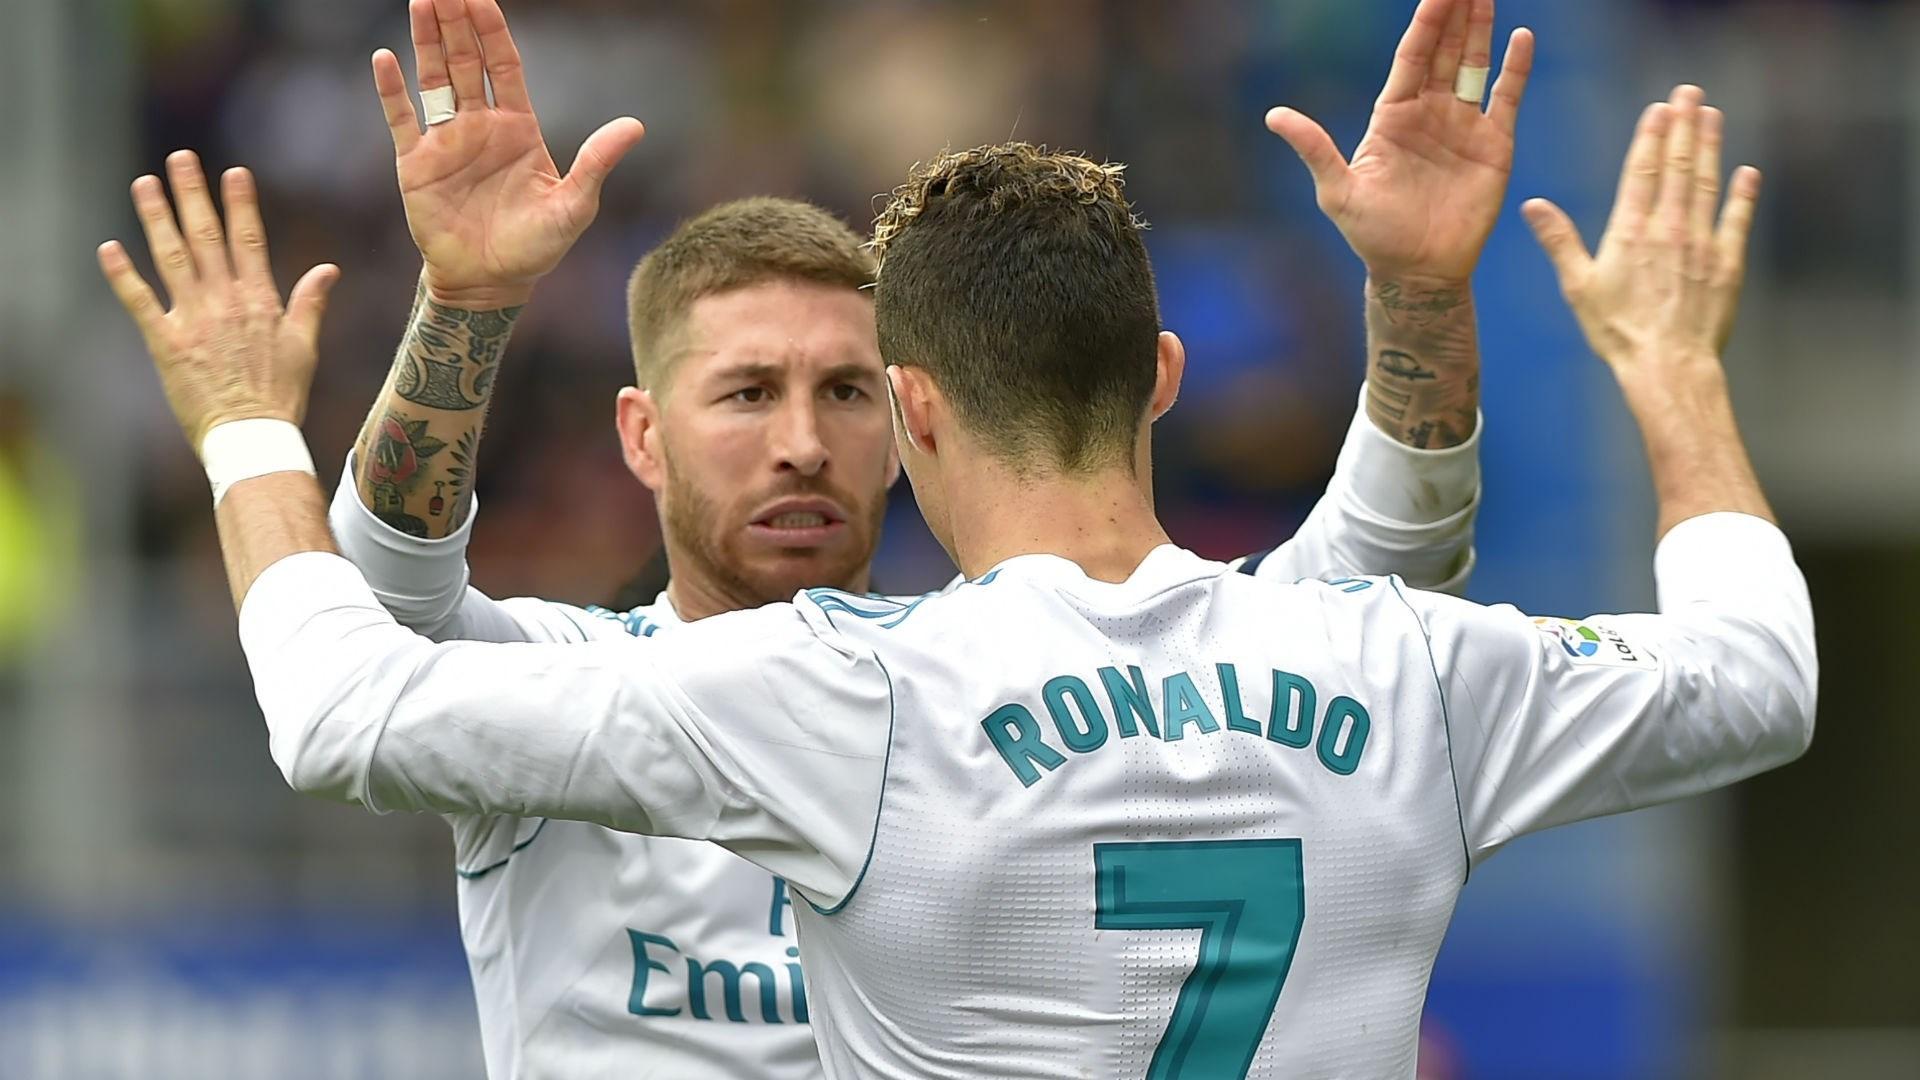 رونالدو وراموس في احدى مباريات ريال مدريد (أرشيف)